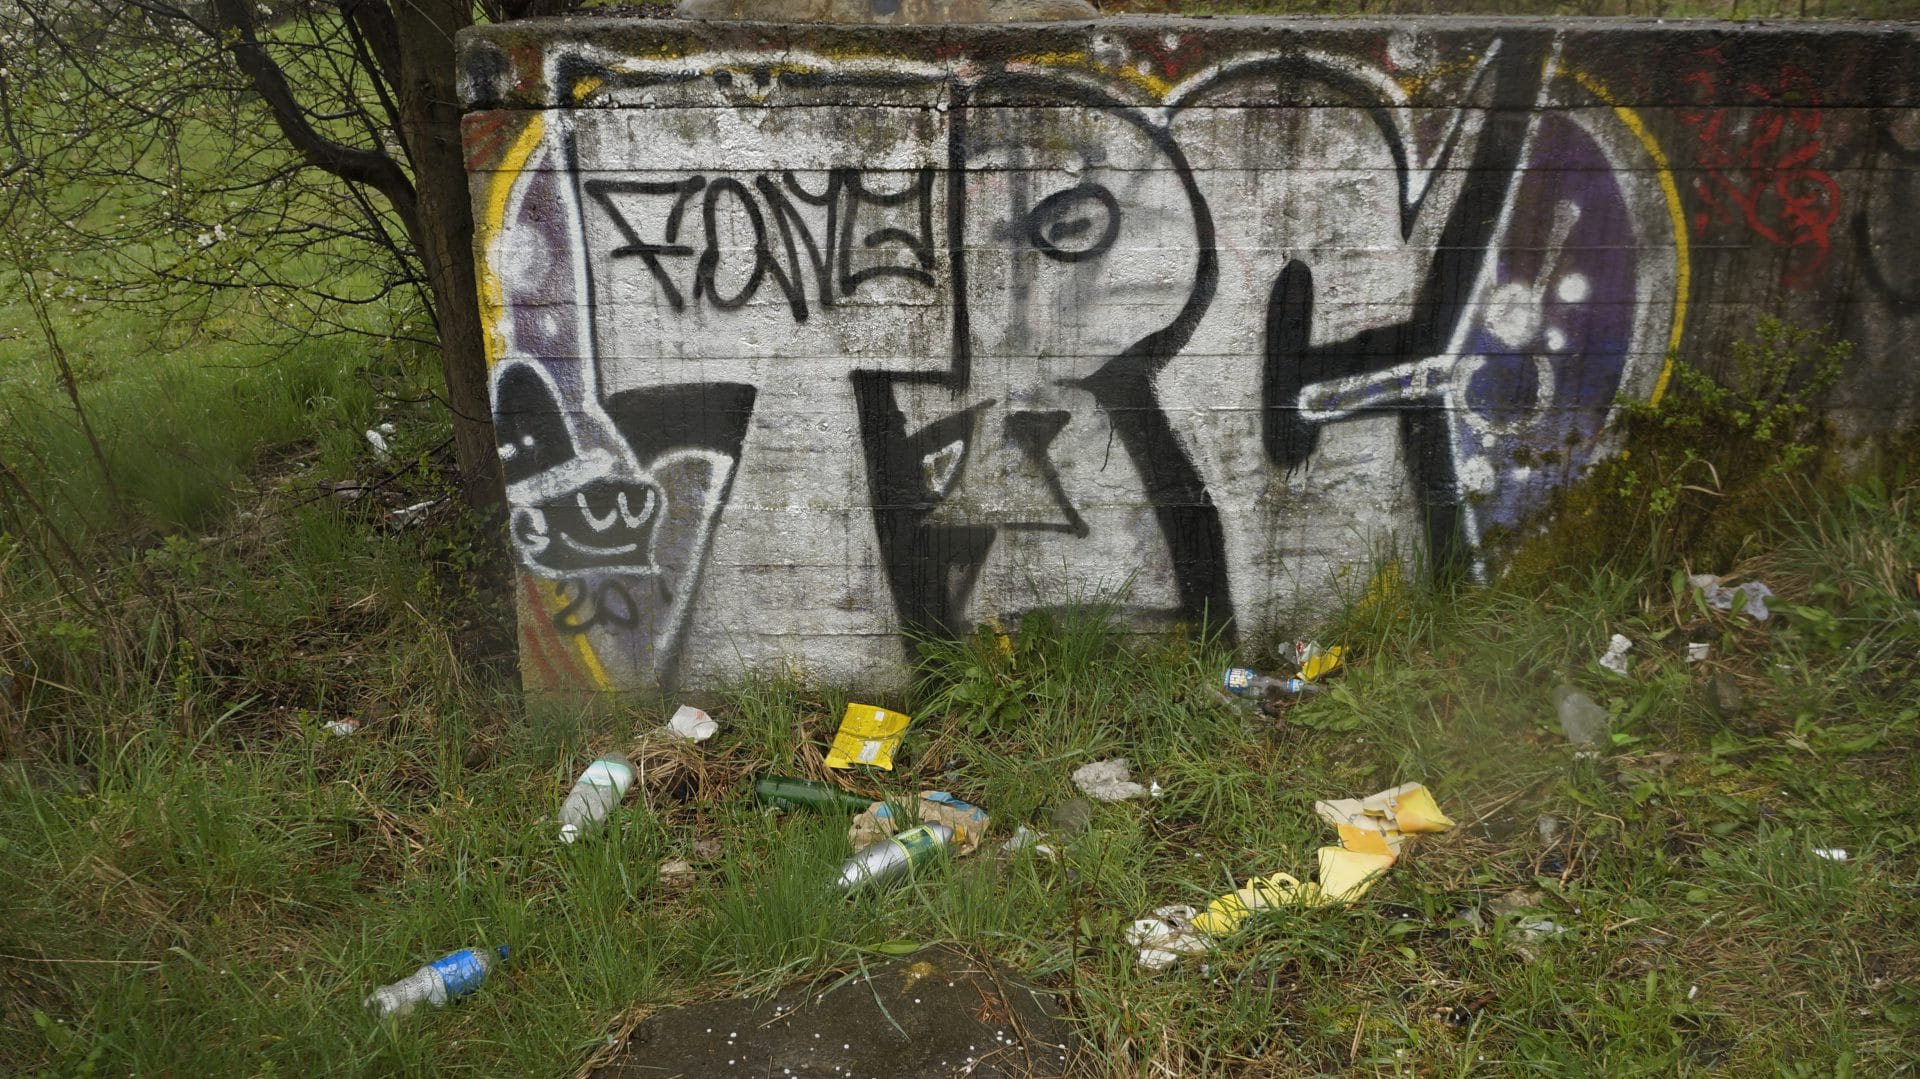 Śmieci w parku pamięci zarządzanym przez miasto, które atakuje chłopaka za dostawienie w nim dwóch ławek.